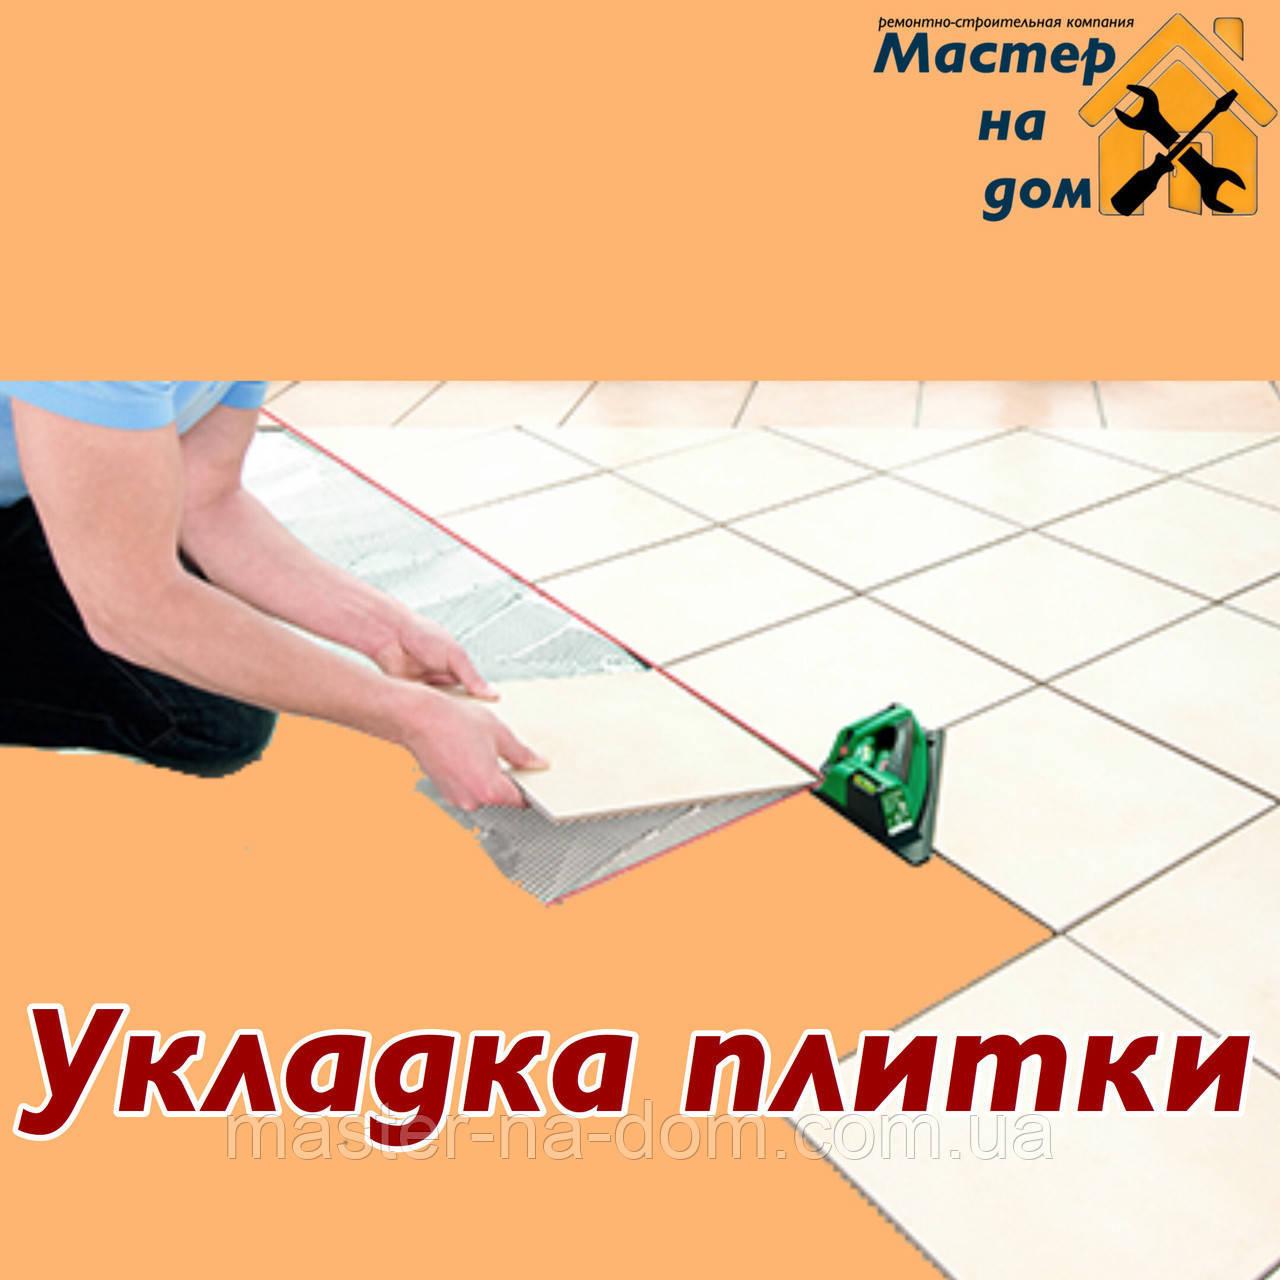 Укладання плитки в Тернополі + виїзд фахівця на об'єкт